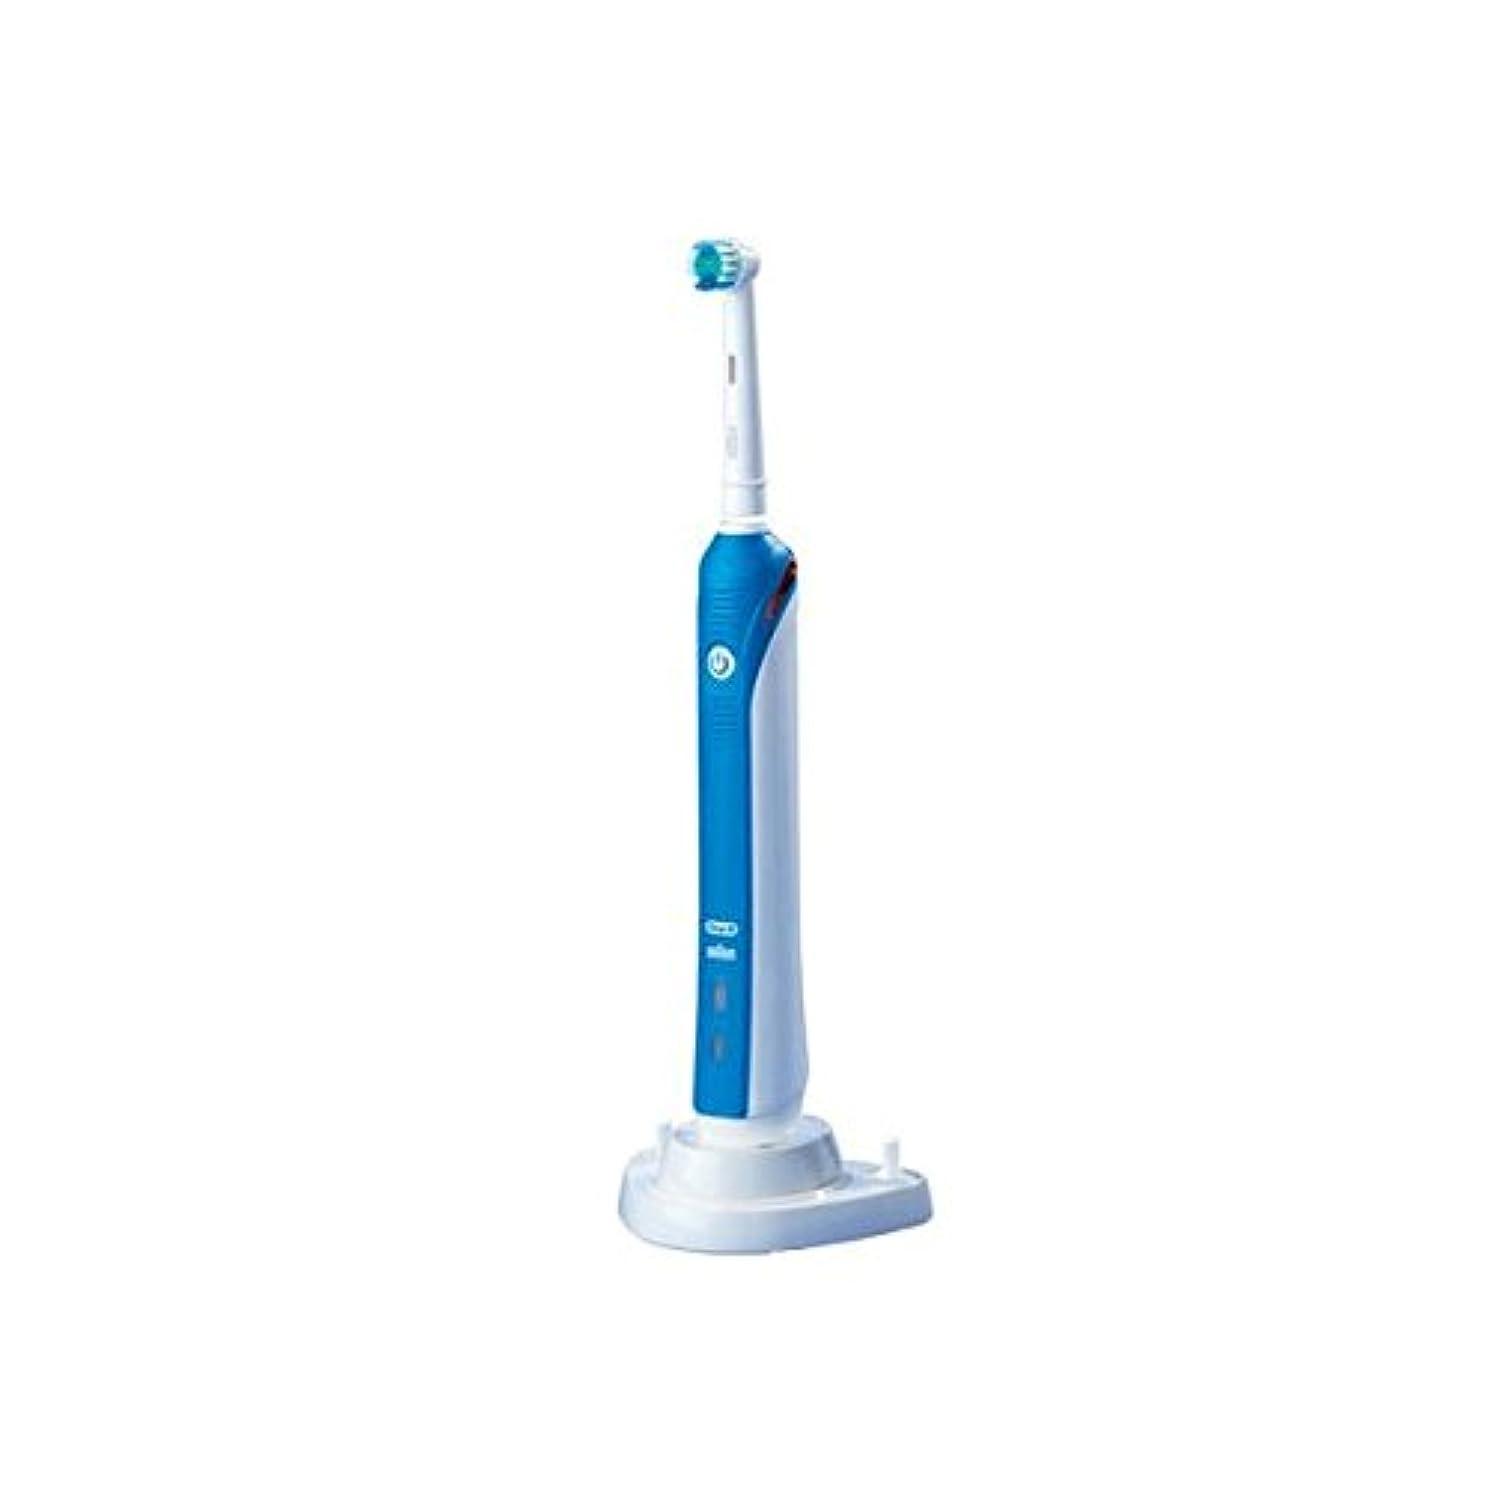 店員発言する傾斜Braun 電動歯ブラシ オーラルB プロフェッショナルケア 2000